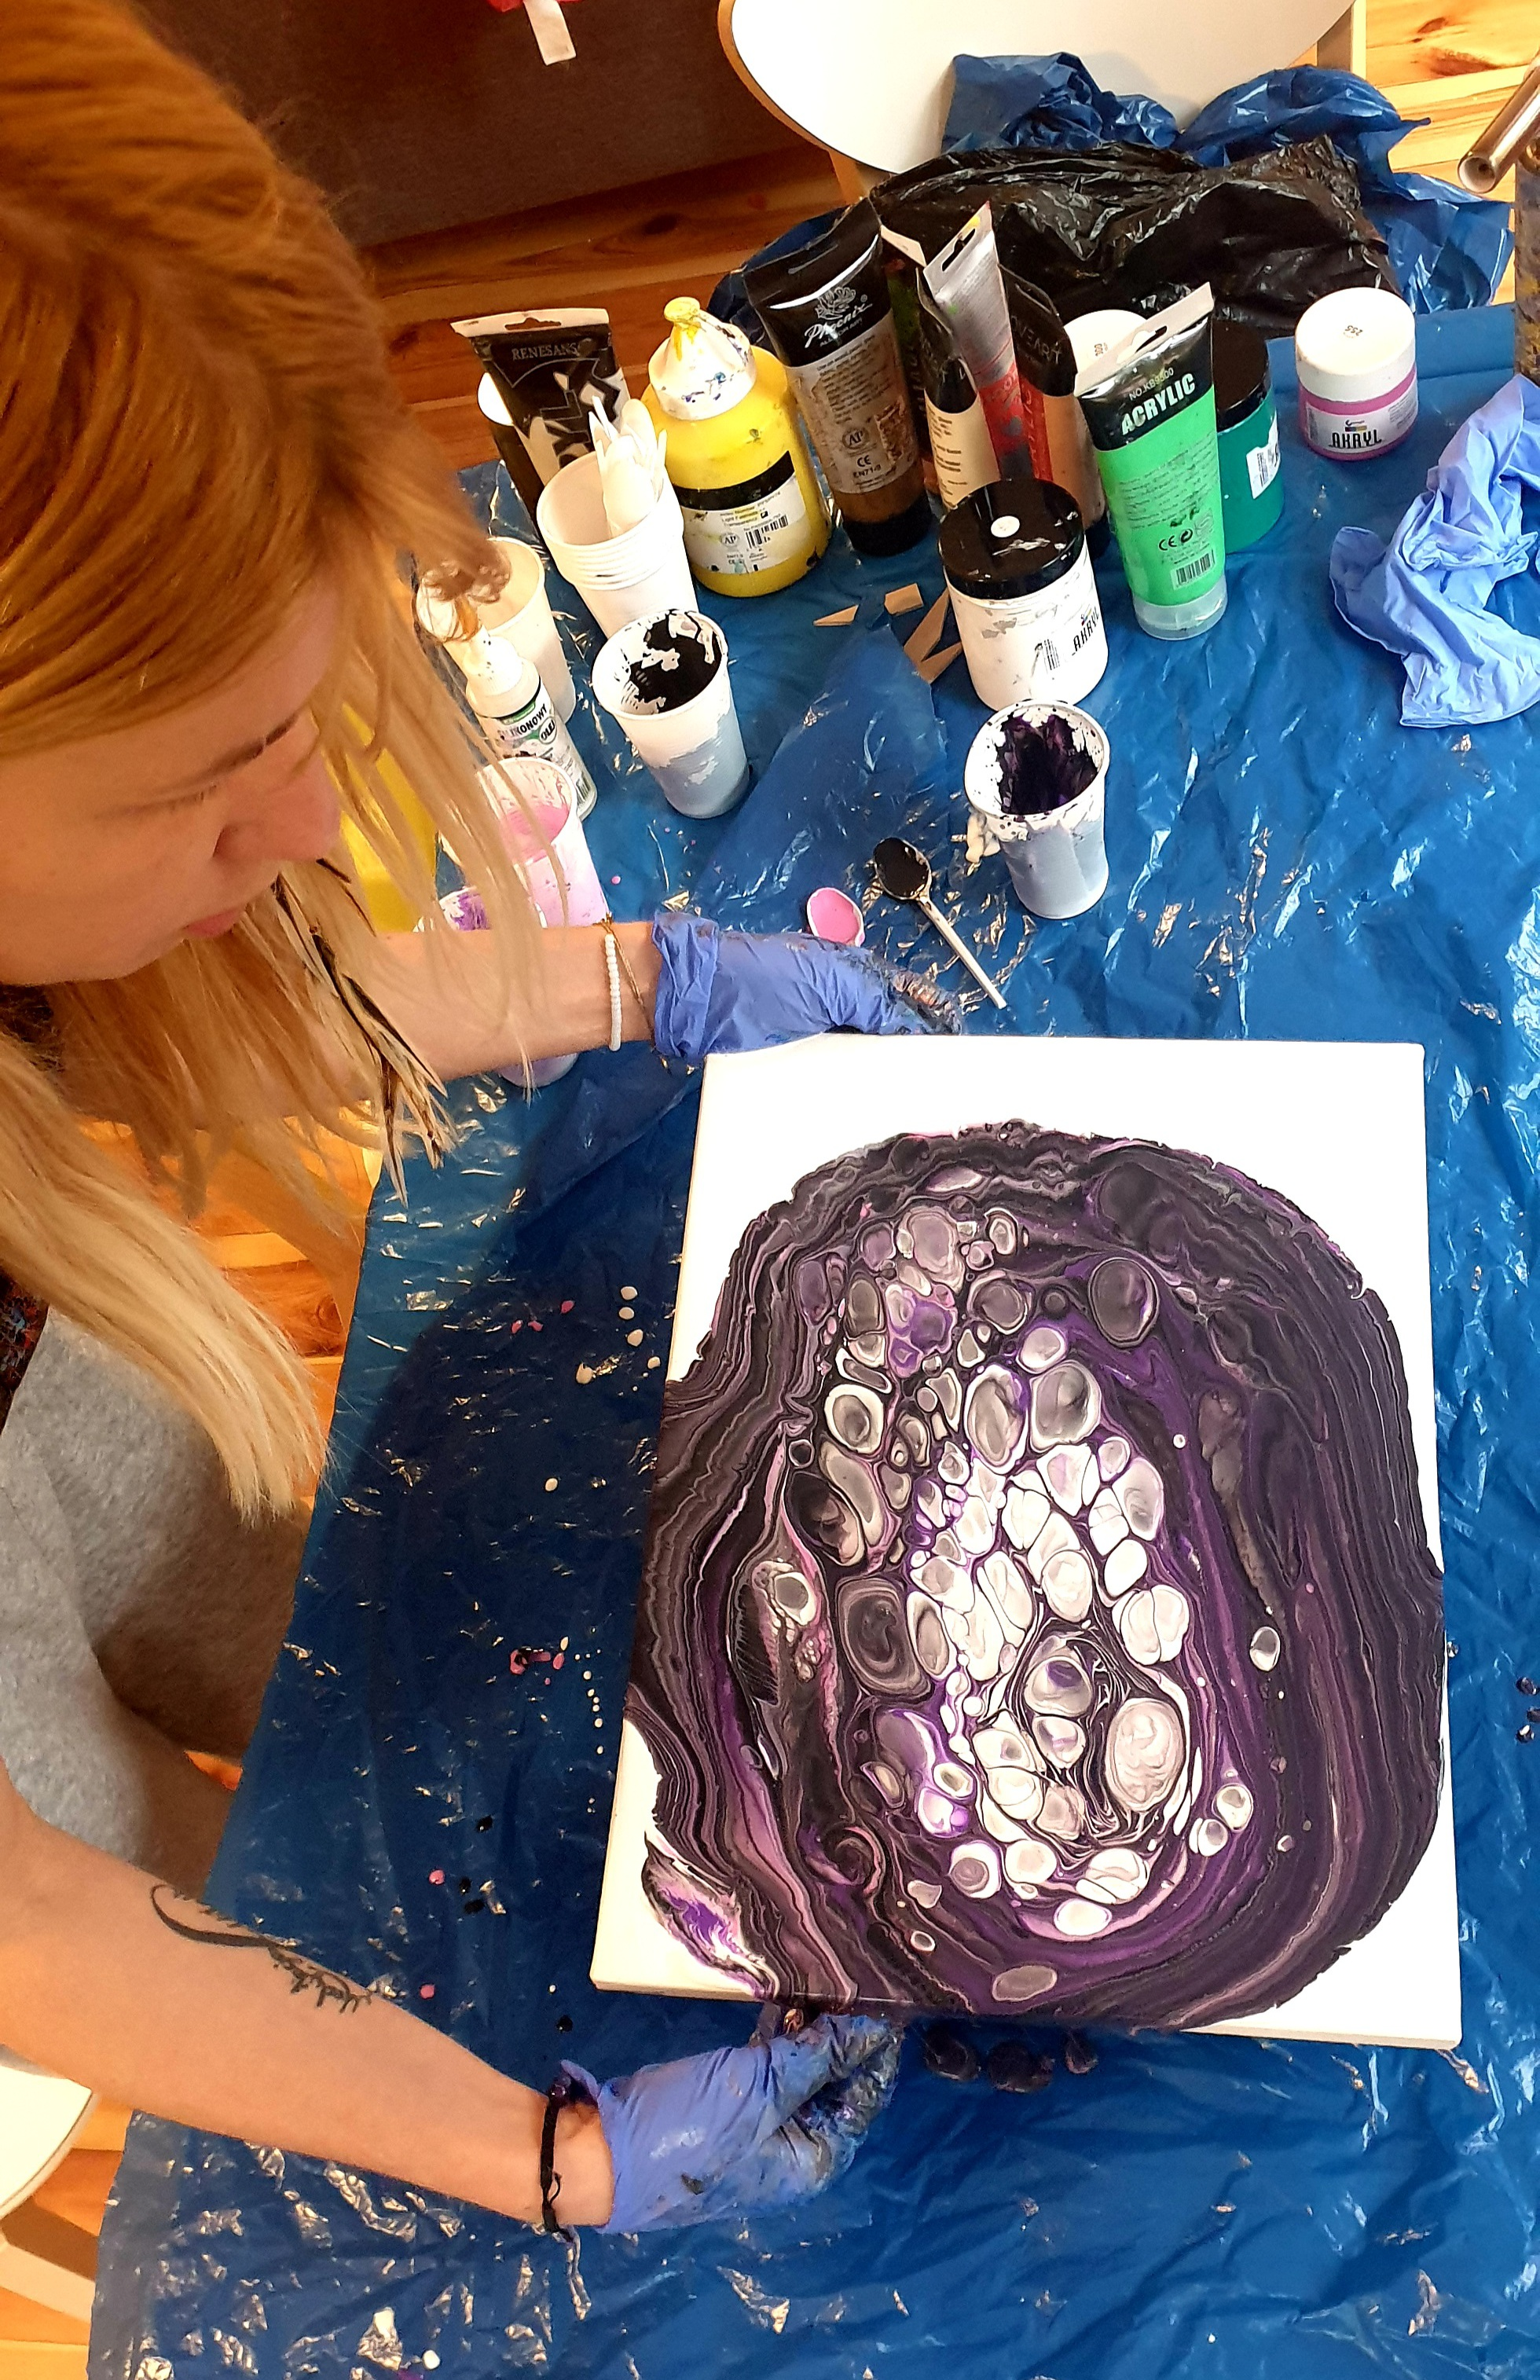 Zajęcia - Malowanie Intuicyjne - Fundacja Samouzdrawianie 07_2020